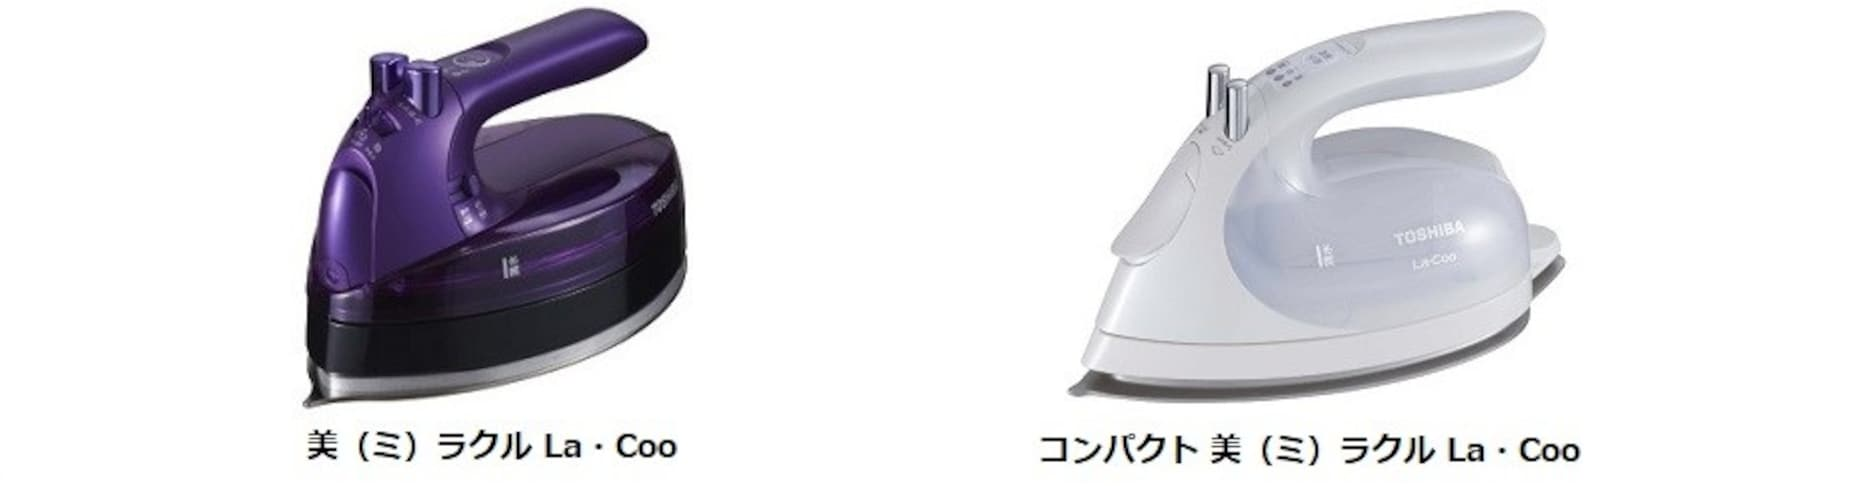 【コードレス】